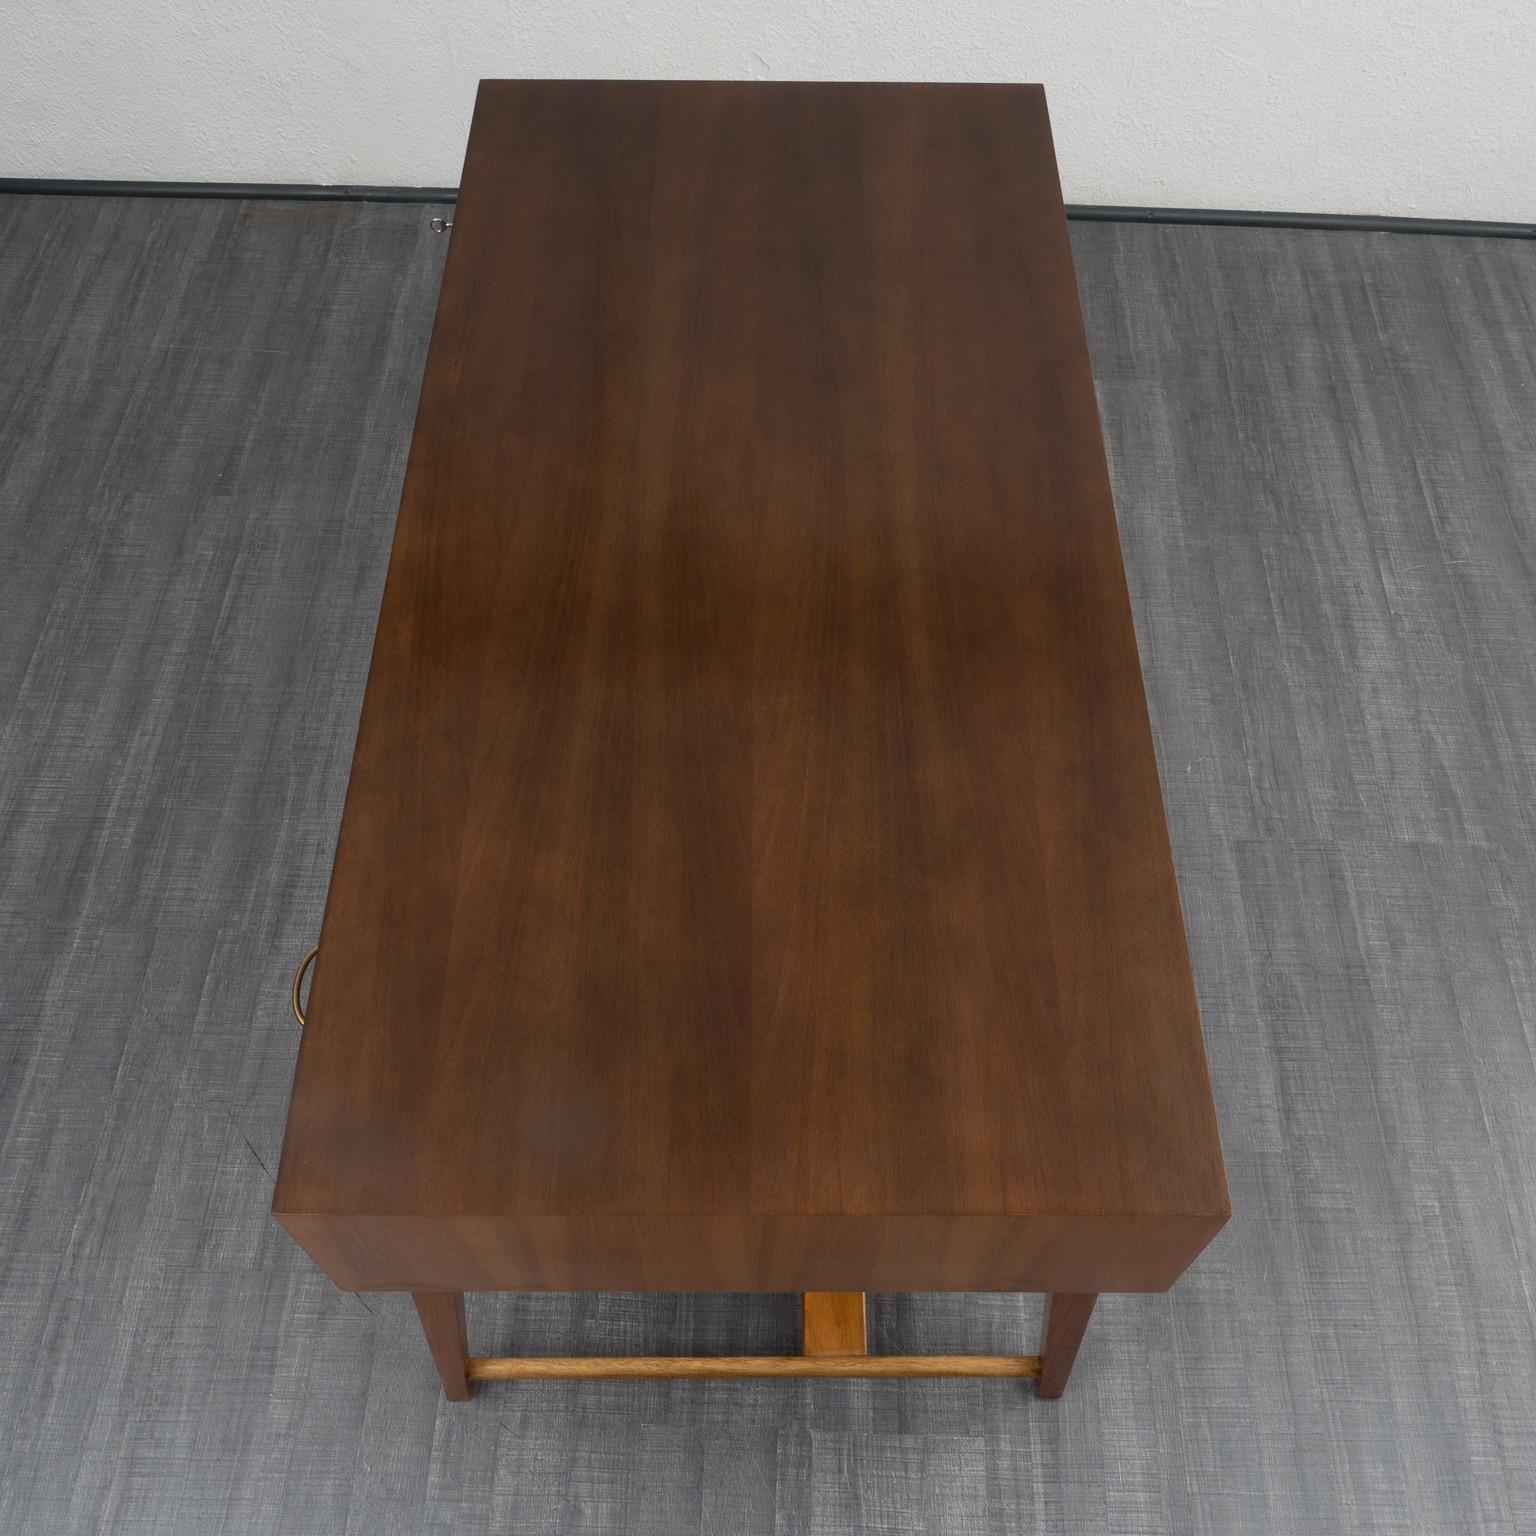 Vintage mobel furniture inspirierendes - Gebrauchte vintage mobel ...